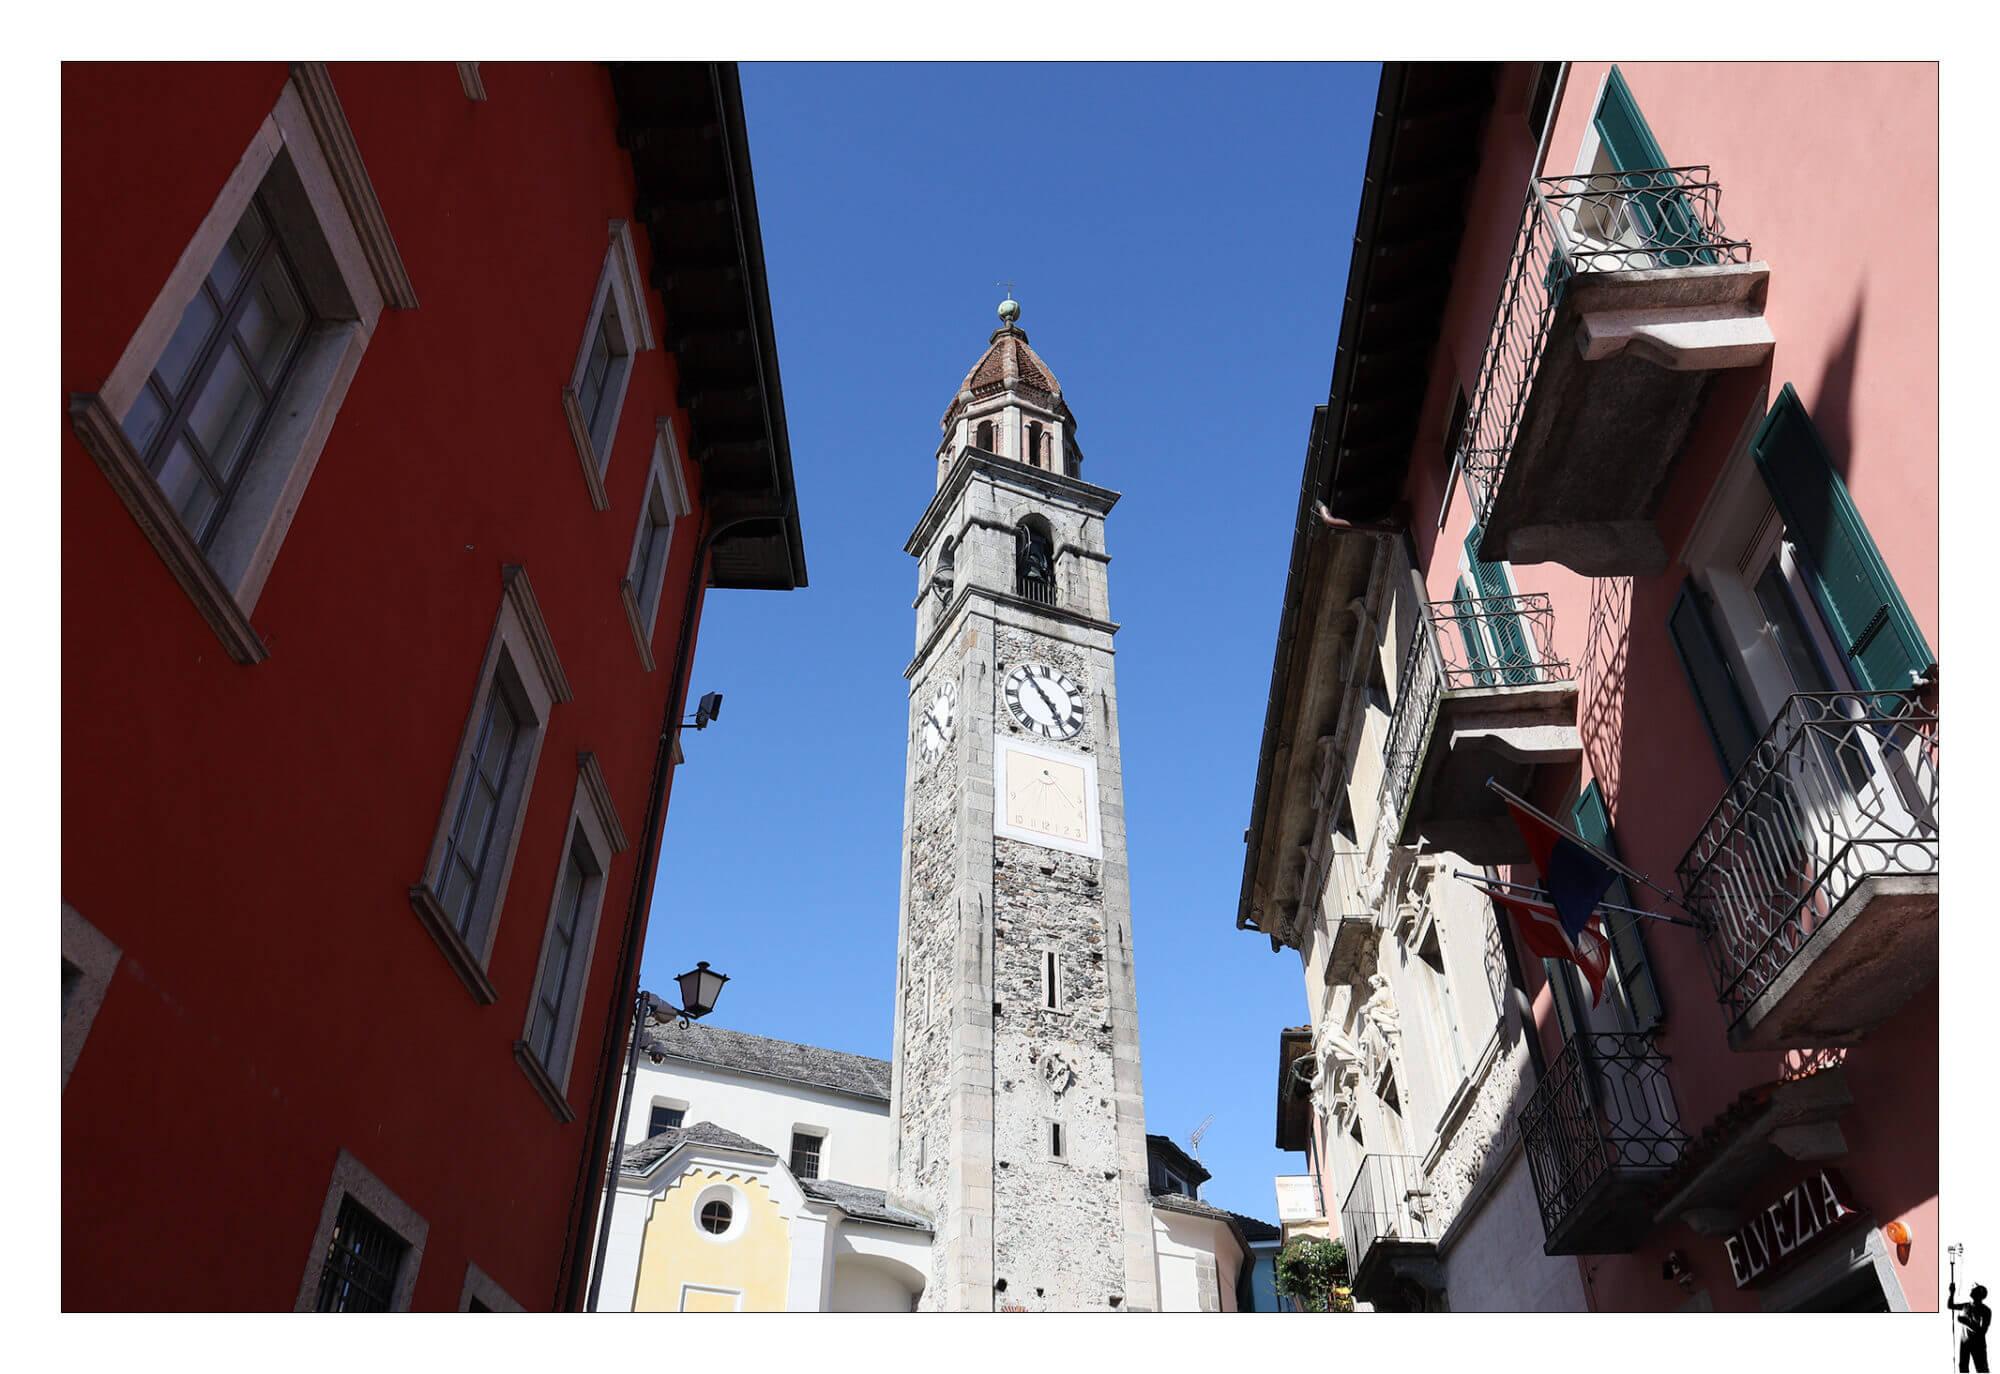 Ascona, Tessin